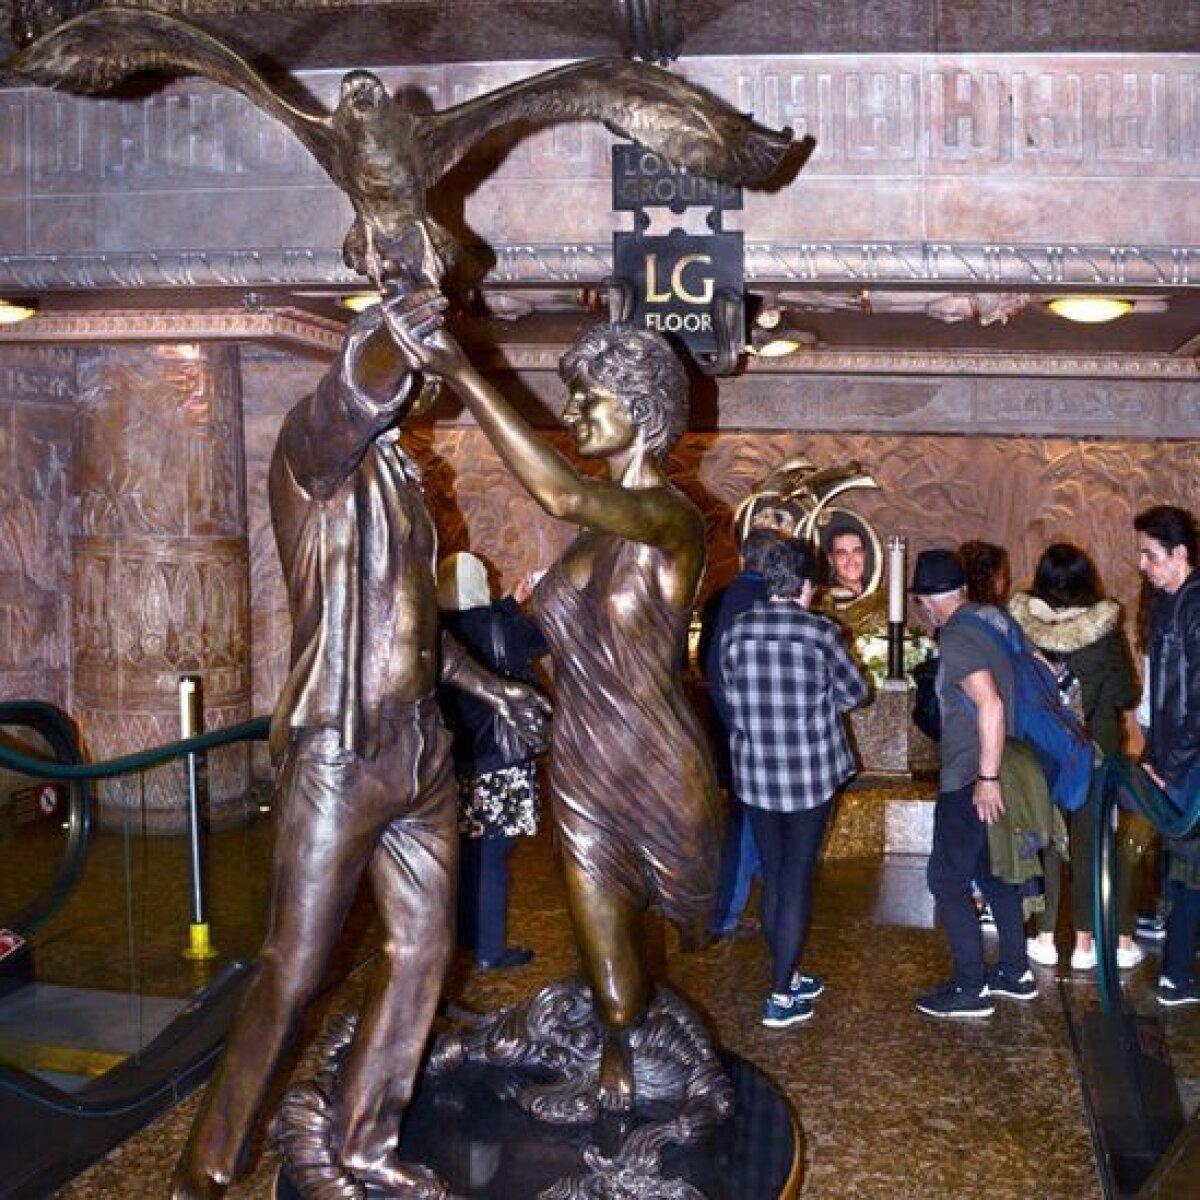 """Эта скульптура под названием """"Невинные жертвы"""" находилась в лондонском магазине Harrods с 2005 по 2018 год. Она изображает Диану и погибшего вместе с ней в автокатастрофе Доди Аль-Файеда."""